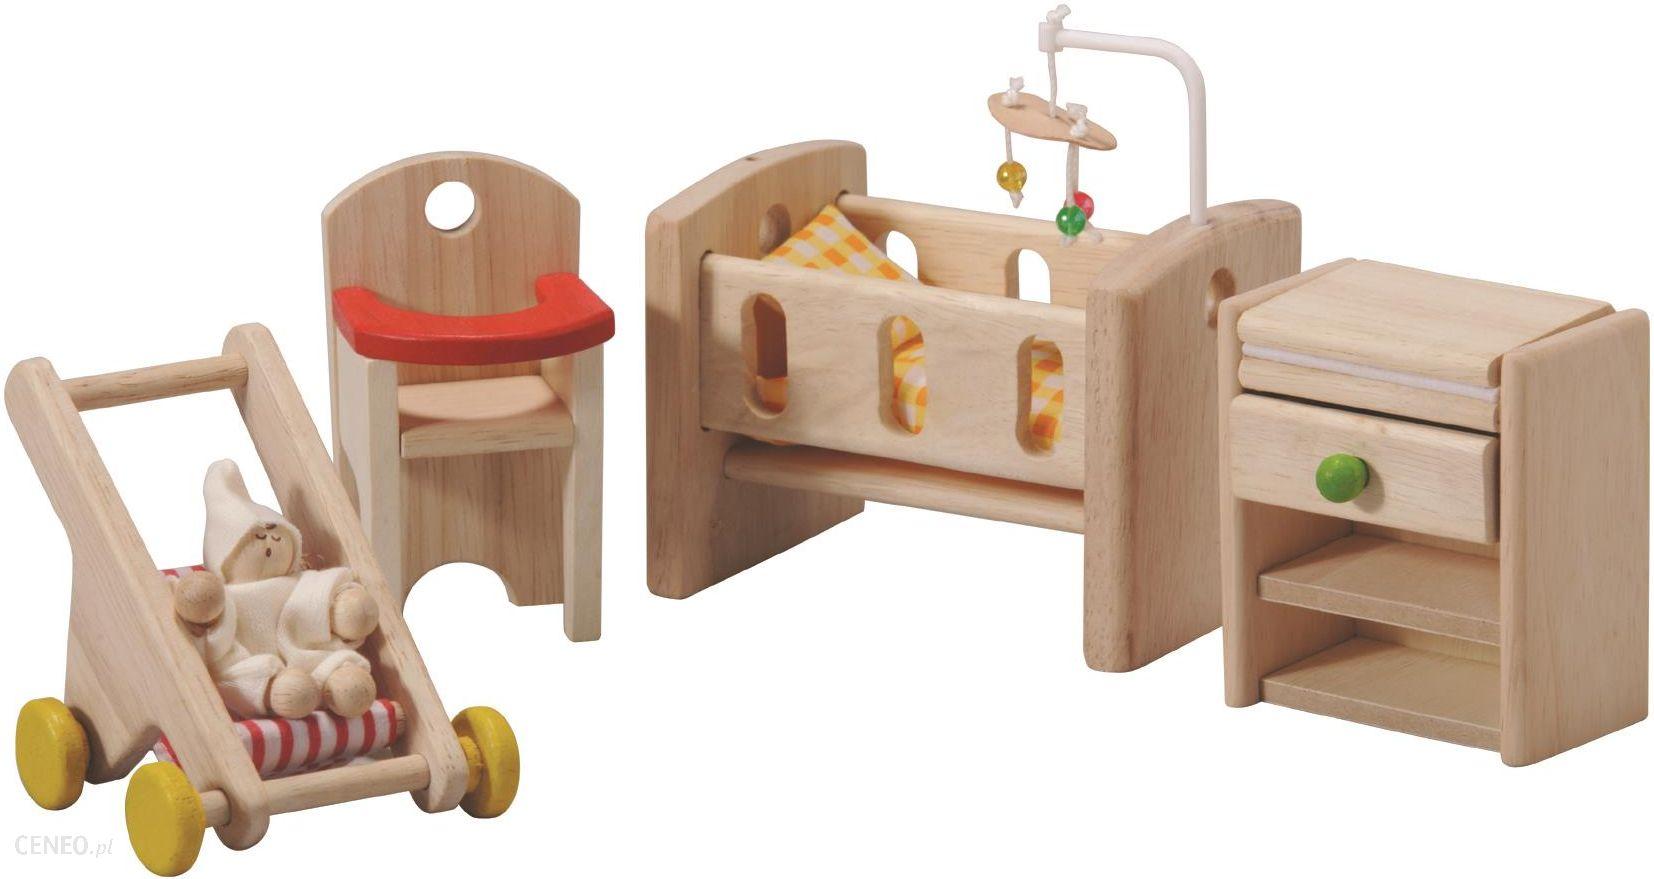 zestaw mebelków dla niemowlaka, plto-7329-plan toys, zabawki dla lalek